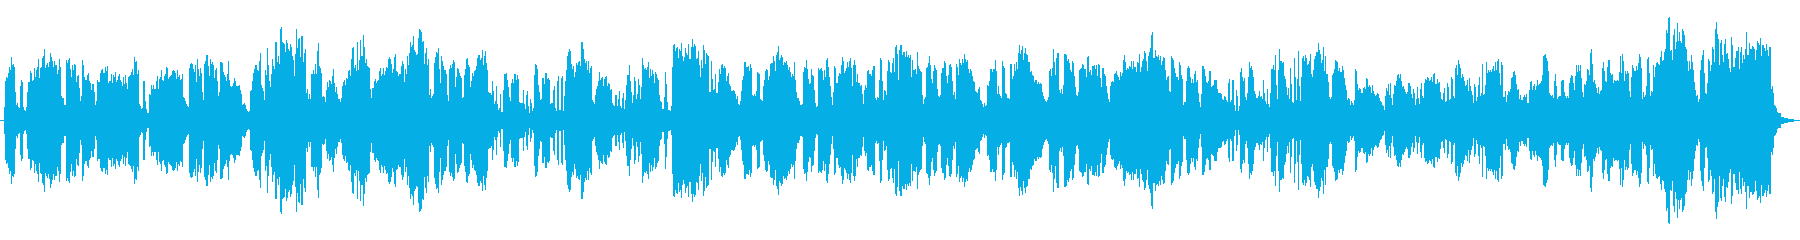 チェンバロがインパクトのあるクラシカル曲の再生済みの波形